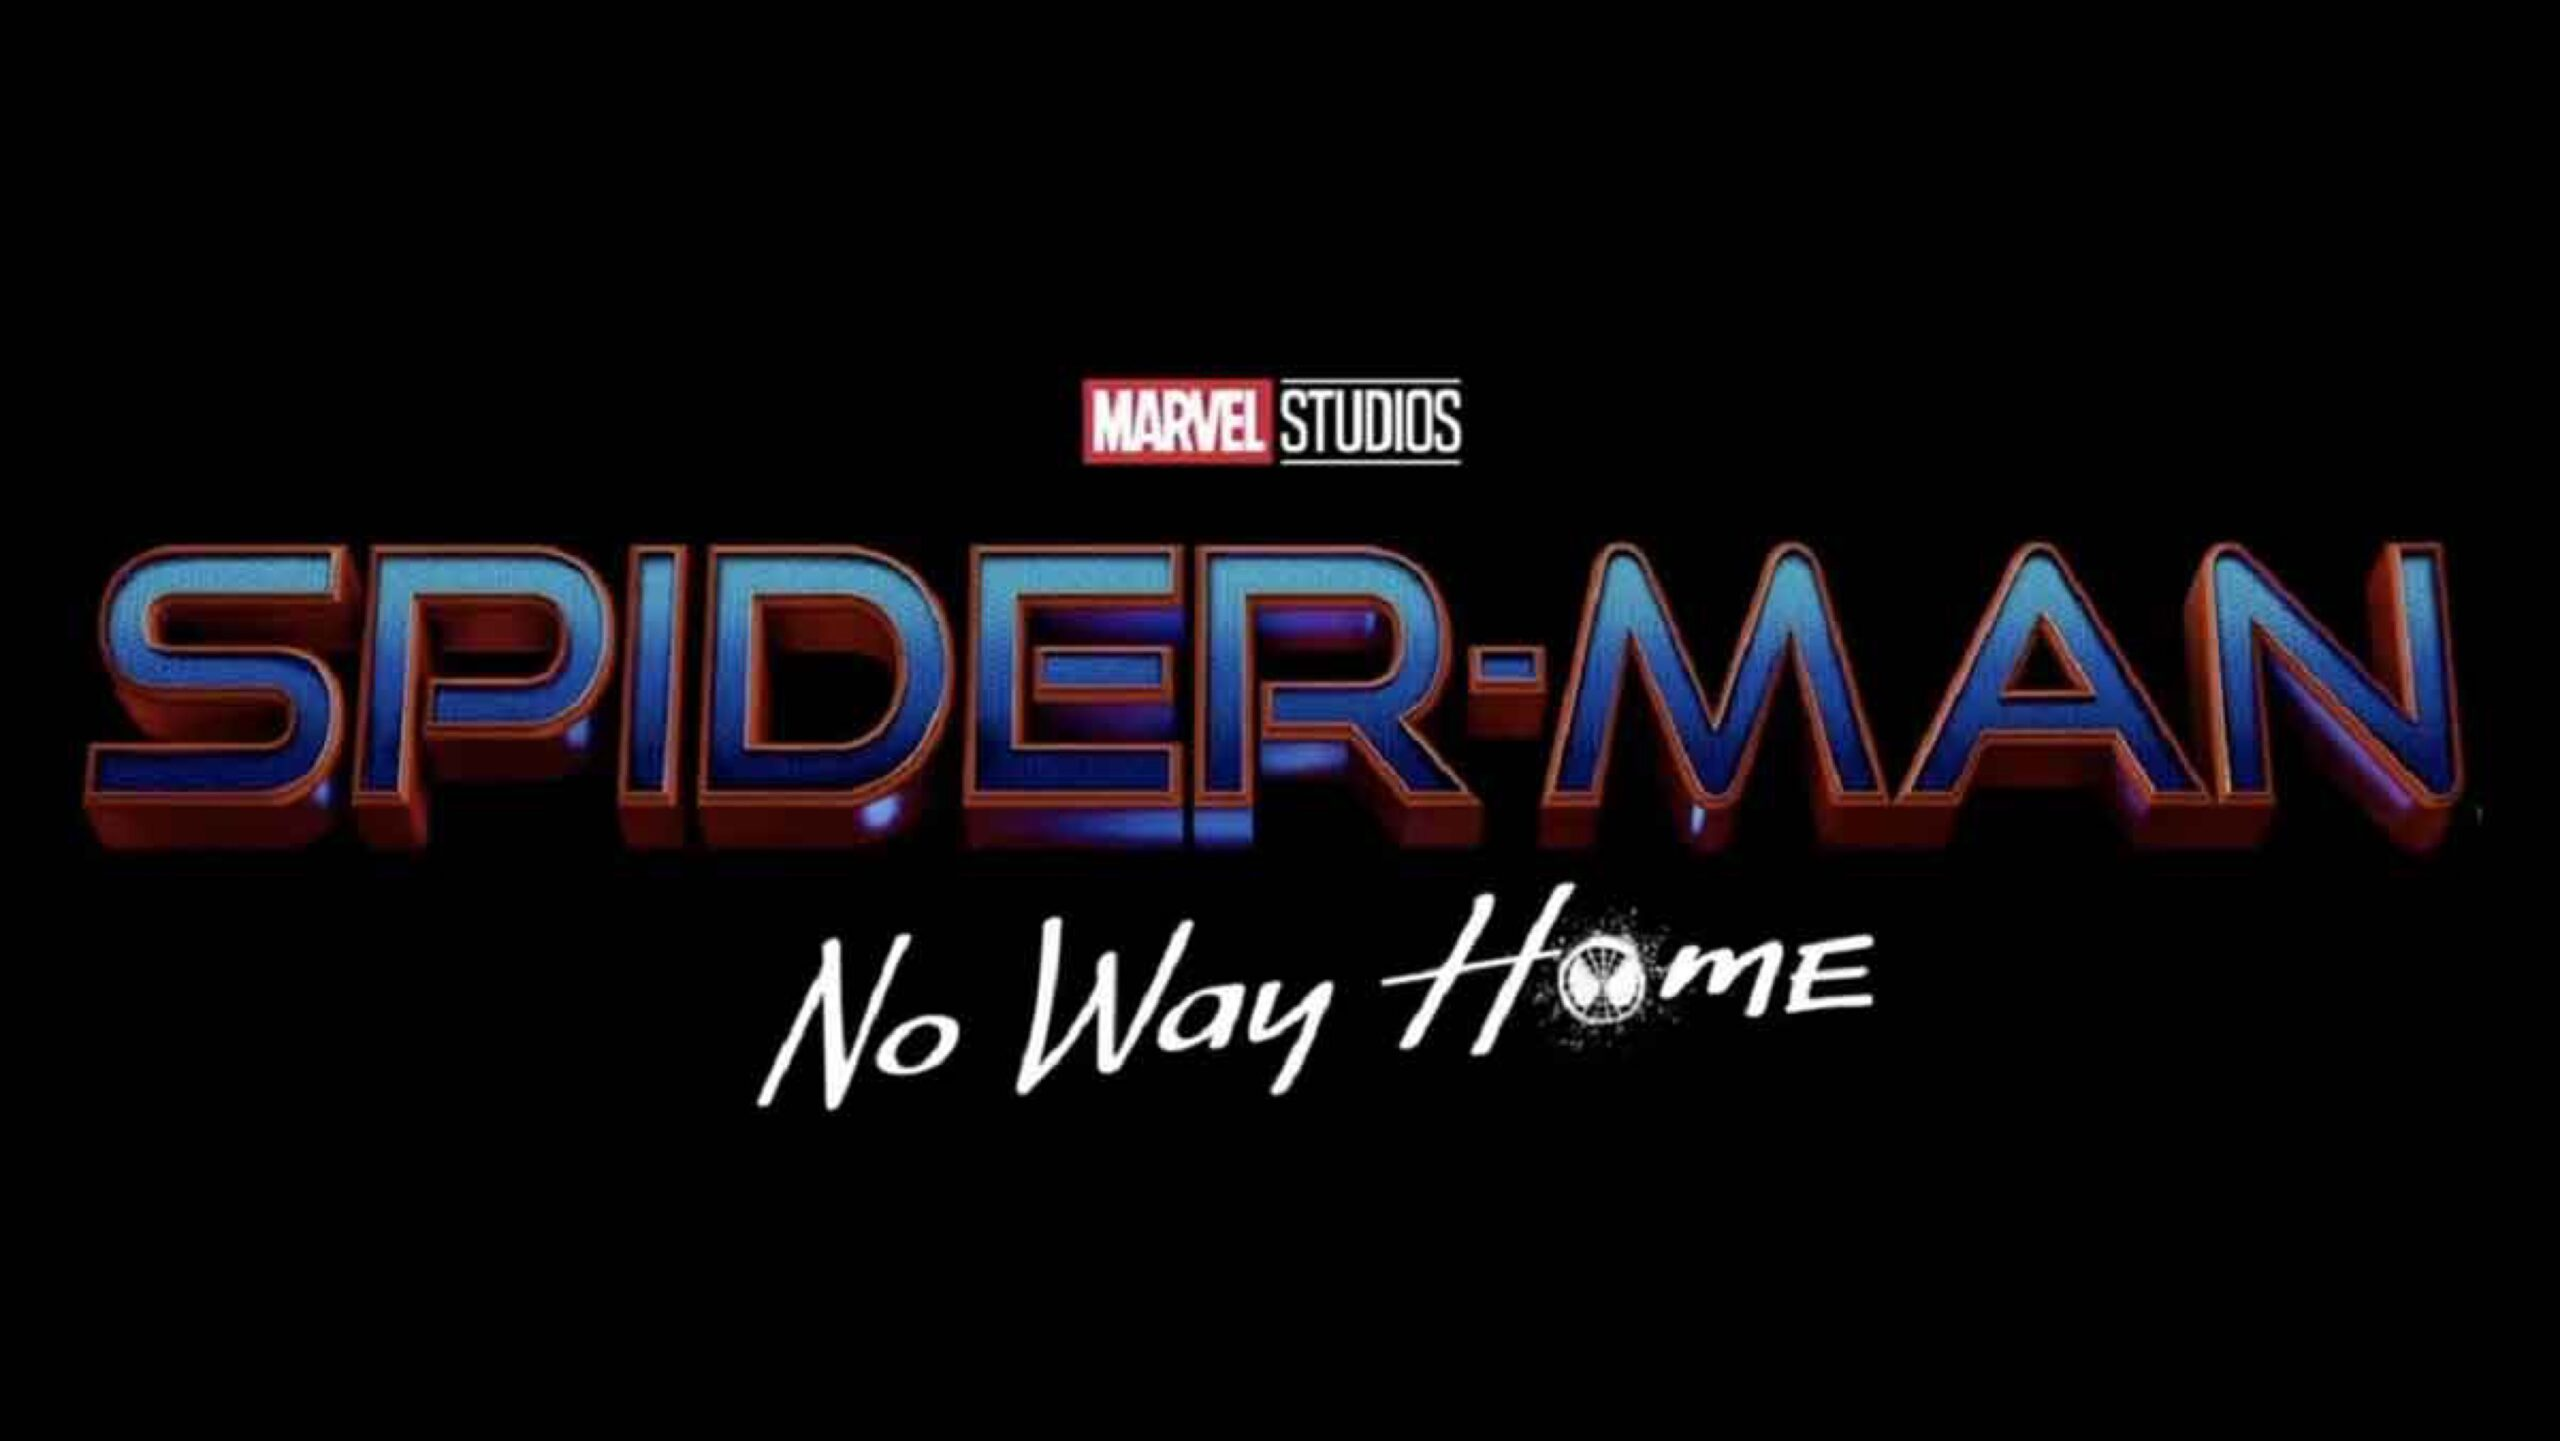 映画『スパイダーマン:ノー・ウェイ・ホーム』にキャプテンアメリカの盾に関するアイテムが… | MCU FAN LIFE